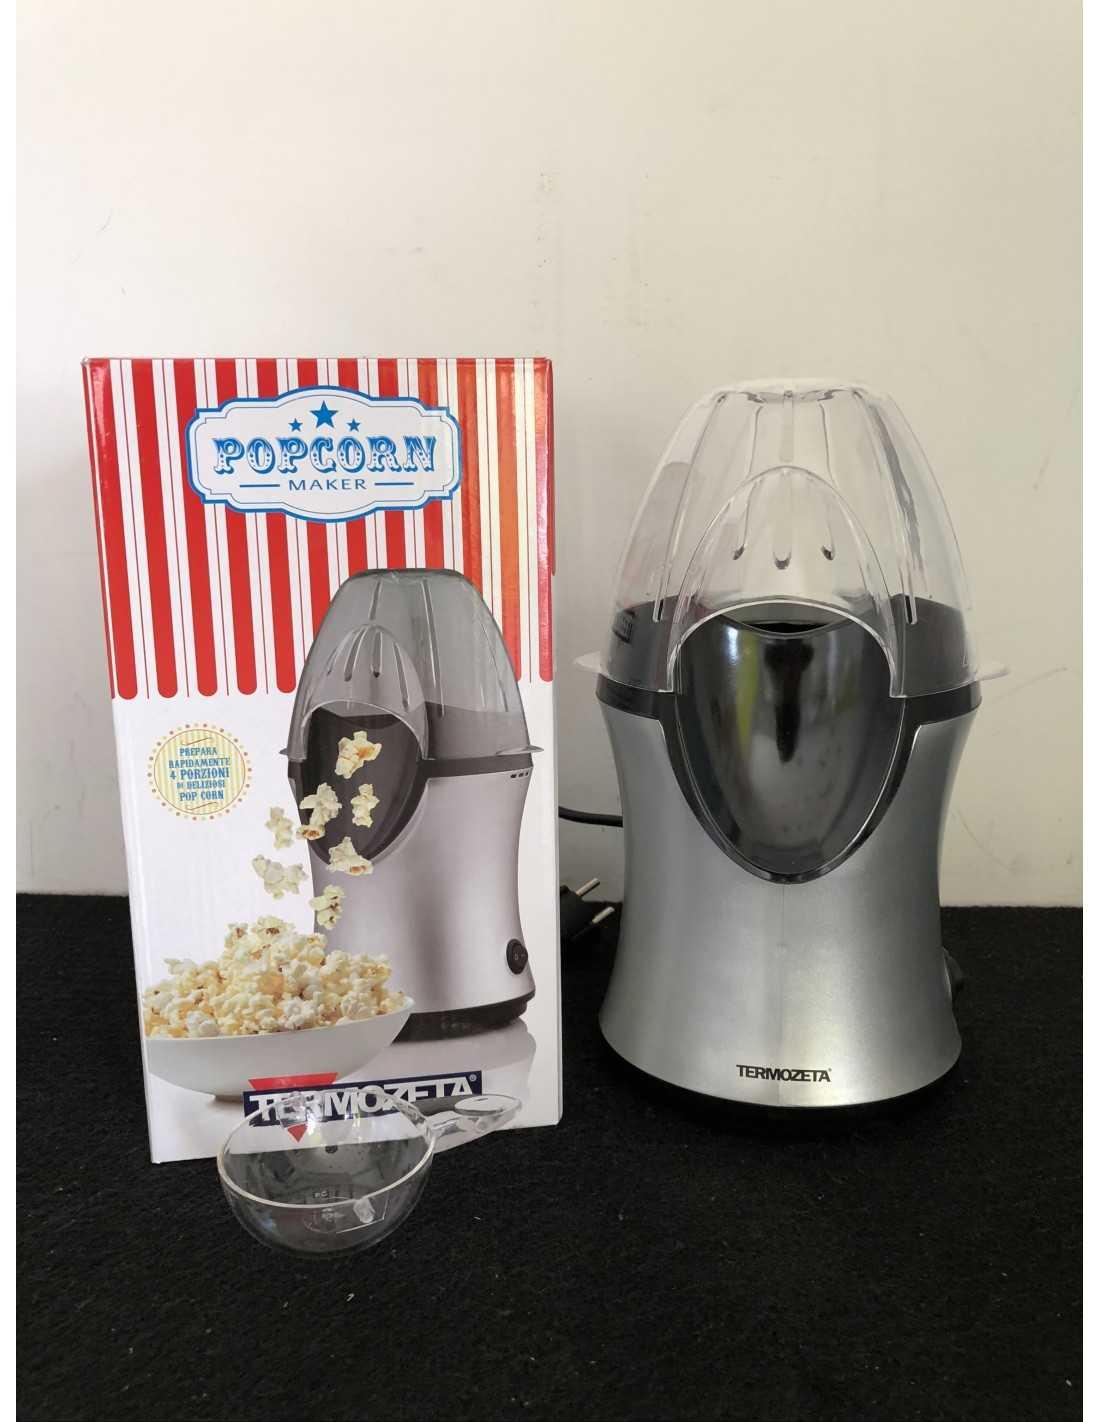 Macchina per popcorn 1200W Termozeta 74029, 65g di capacità, prepara ...